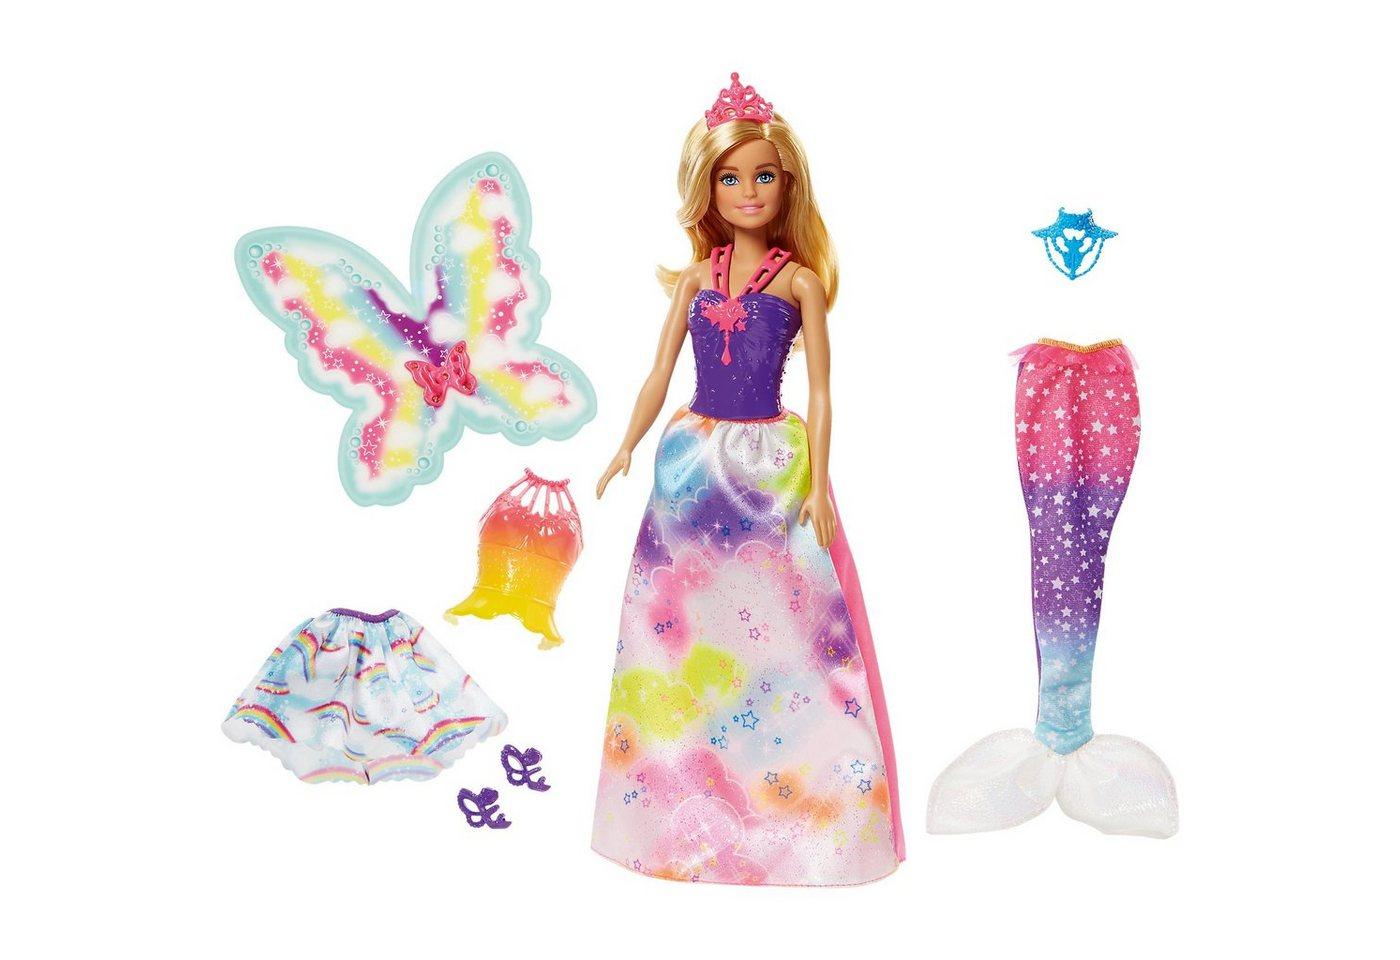 Mattel Barbie Dreamtopia Regenbogen-Königreich 3-in-1 Fantasie Pupp - Preisvergleich